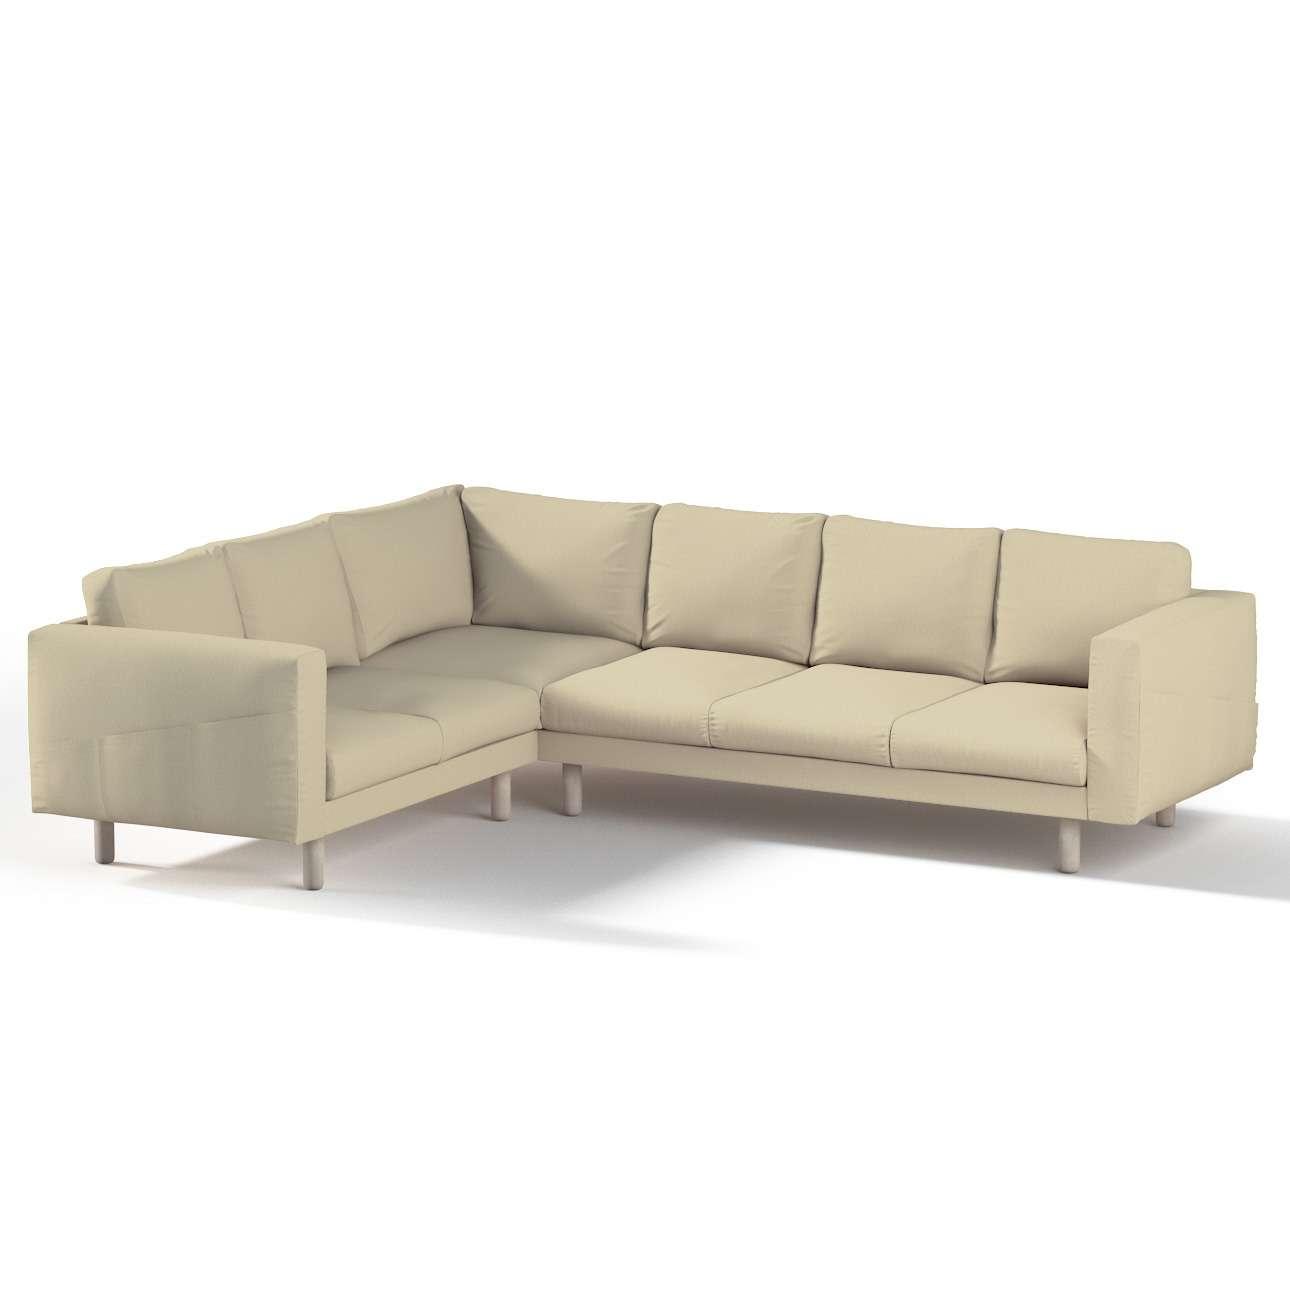 Pokrowiec na sofę narożną Norsborg 5-osobową w kolekcji Chenille, tkanina: 702-22